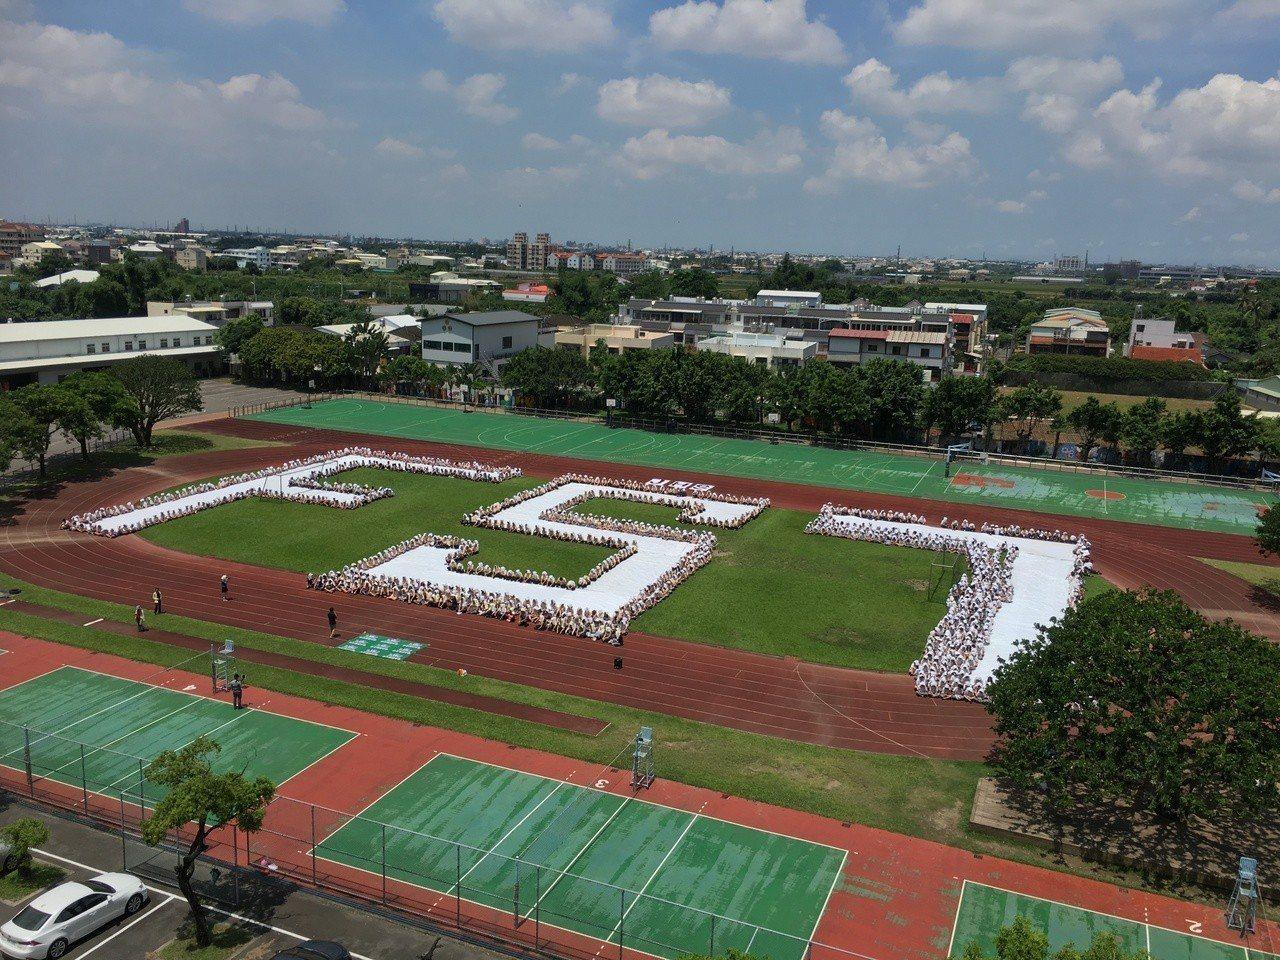 雲林正心中學今天上午11點參與祝福福衛7號發射空拍活動。記者陳雅玲/攝影